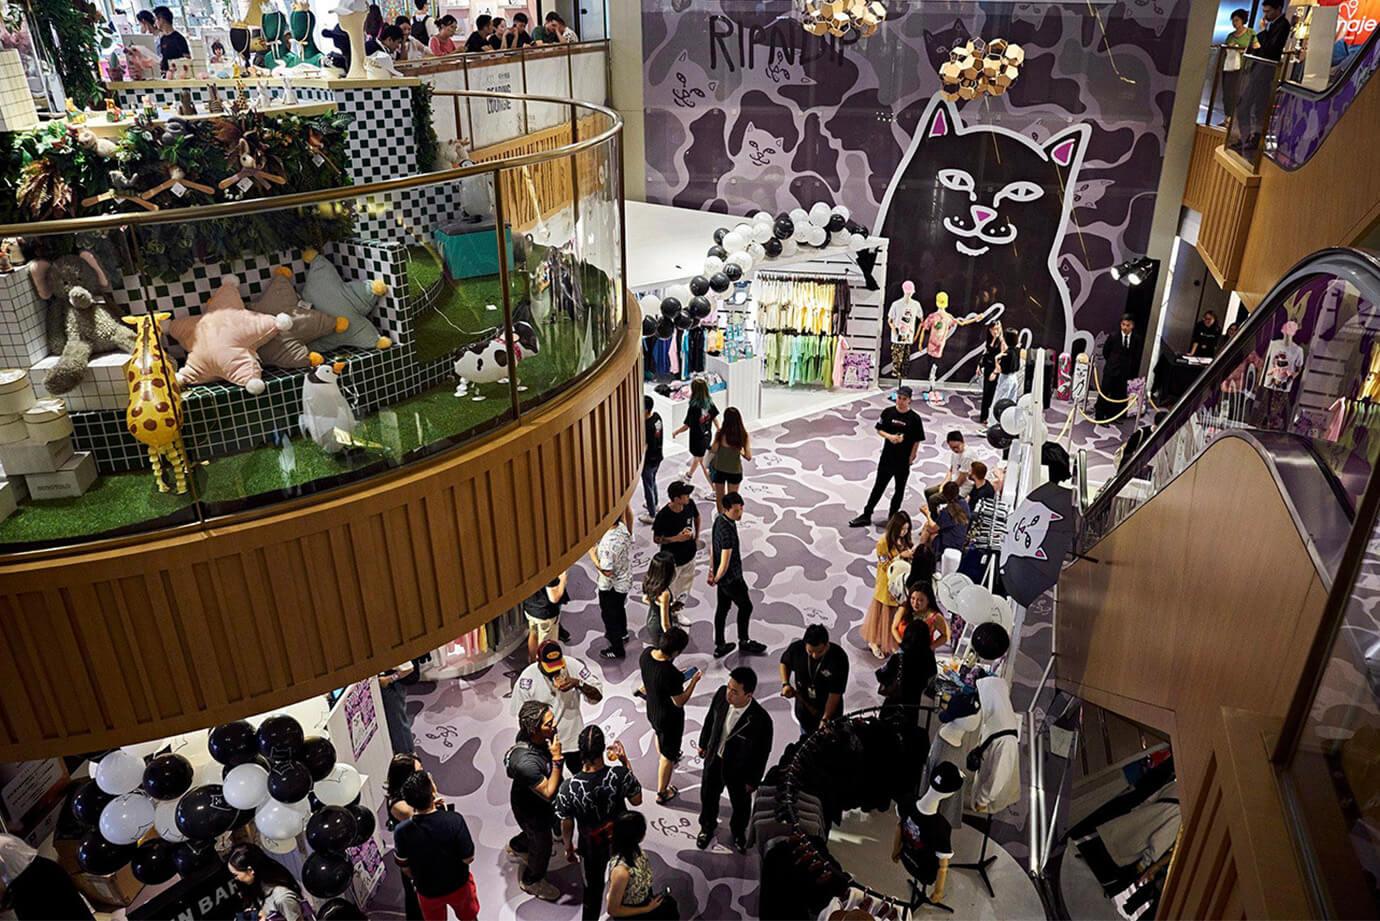 Inch Interior Design Hong Kong RipnDip Event